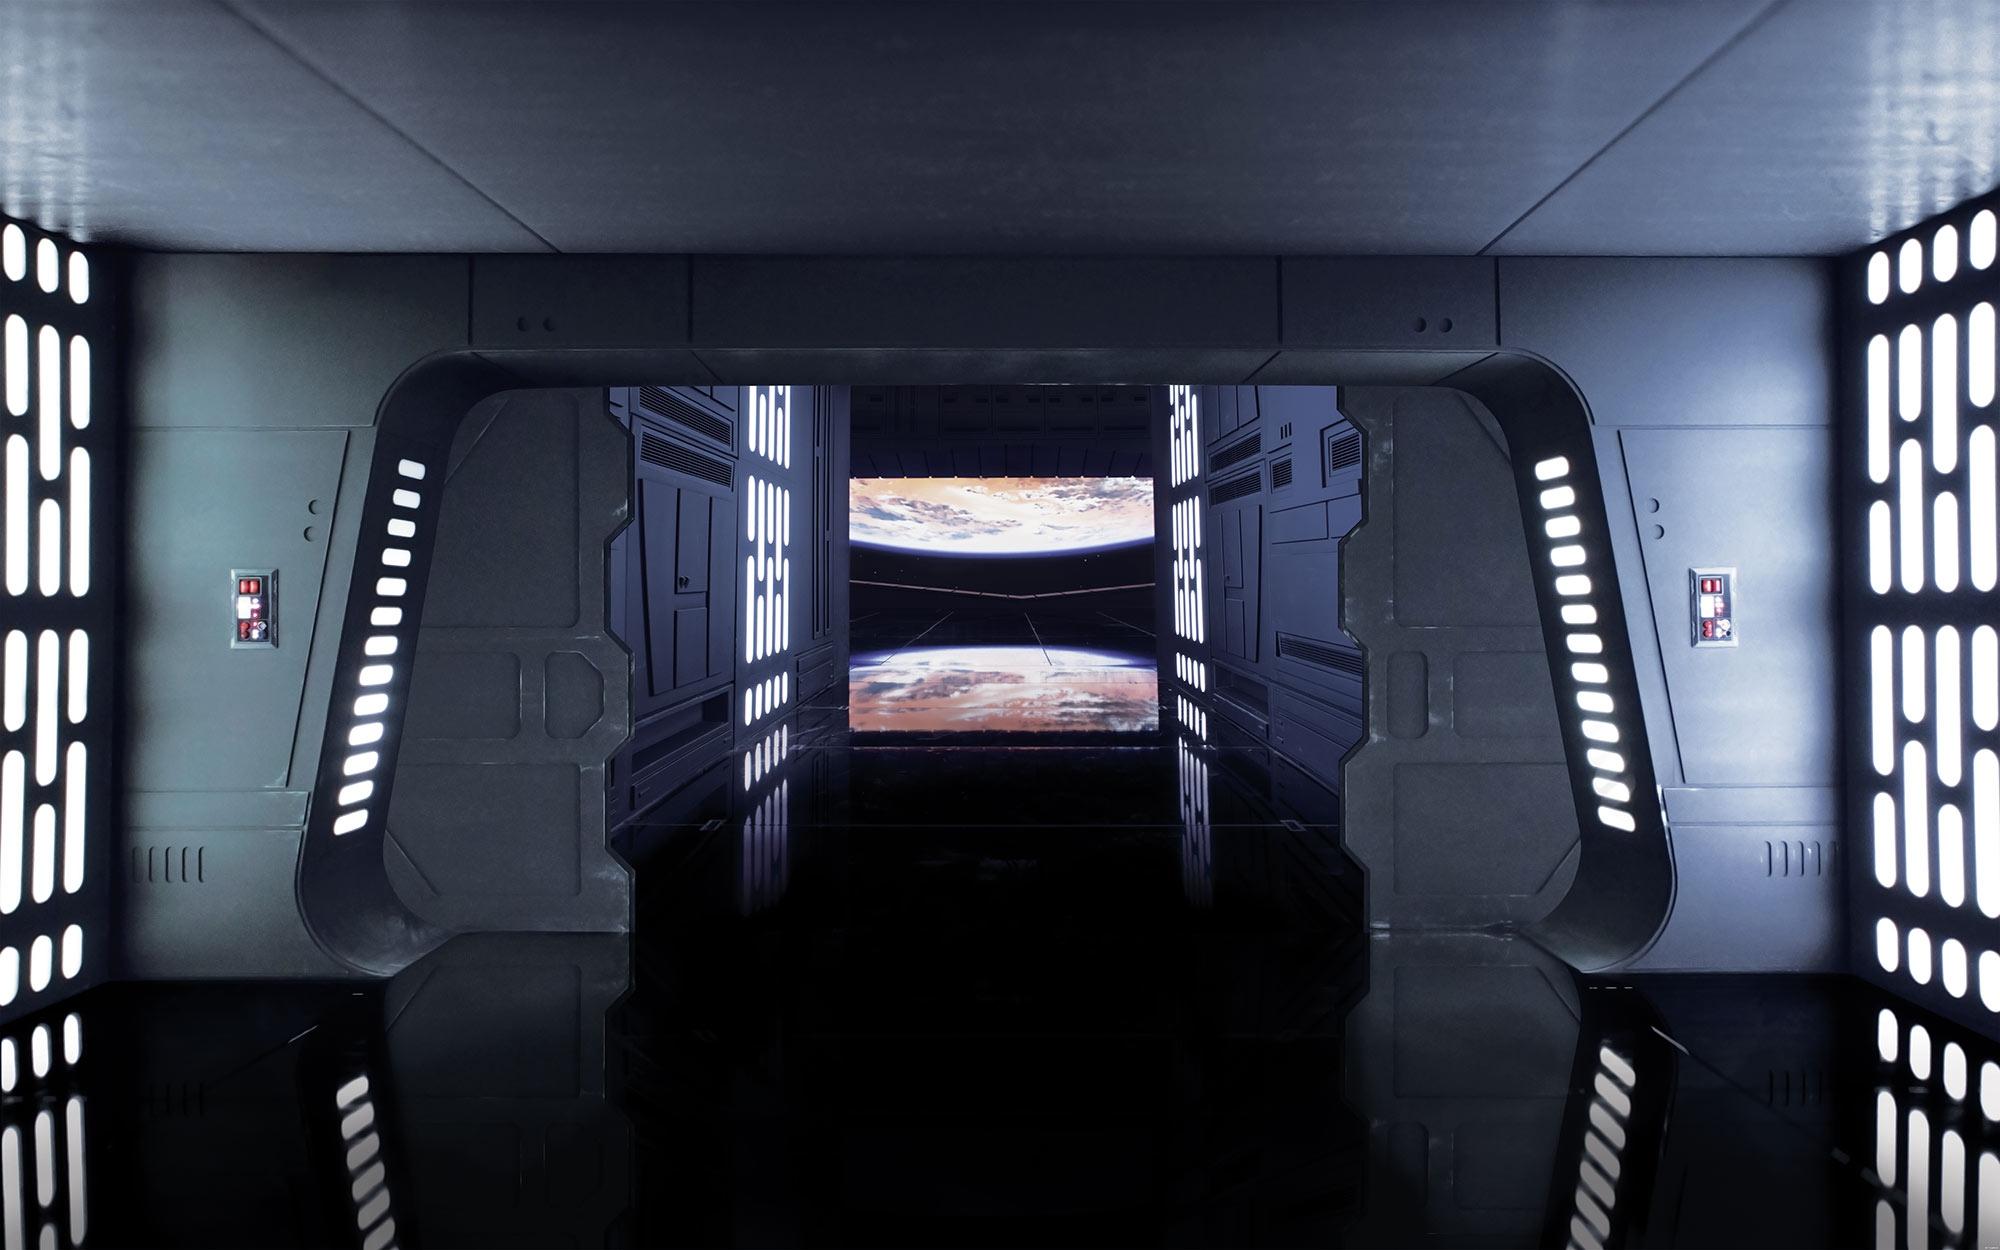 Vliestapete Star Wars Death Star Floor von Komar  fototapetede